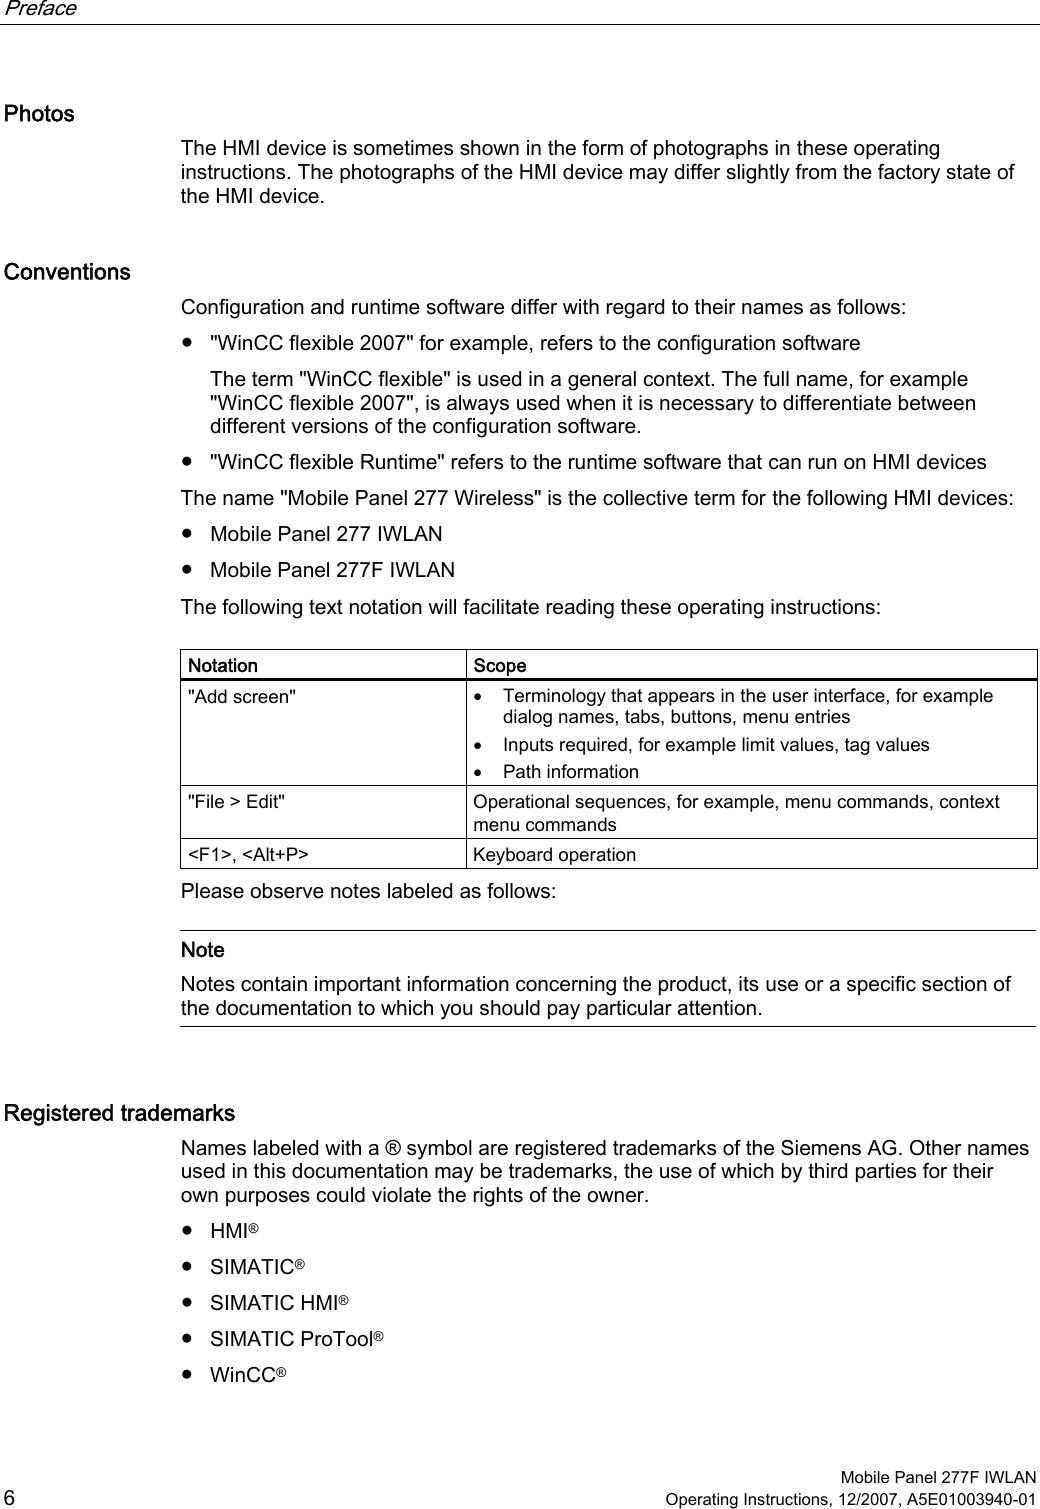 Siemens 277IWLAN-V100 Mobile Panel 277 IWLAN User Manual